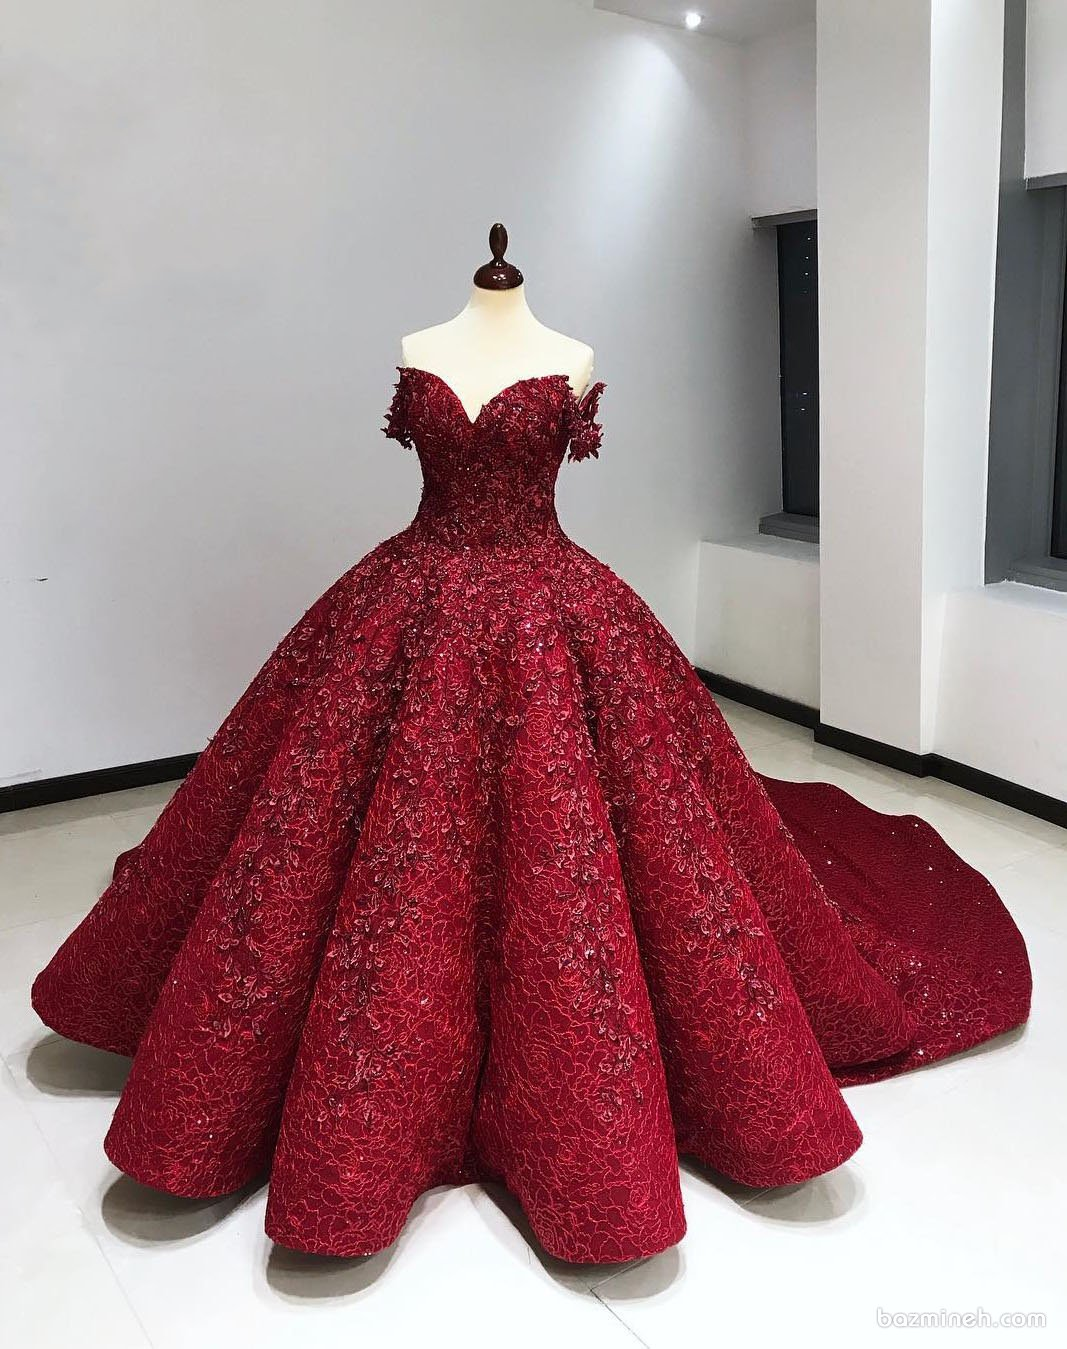 لباس نامزدی قرمز رنگ کار شده با یقه دلبری آستین دار و دامن کلوش دنباله دار